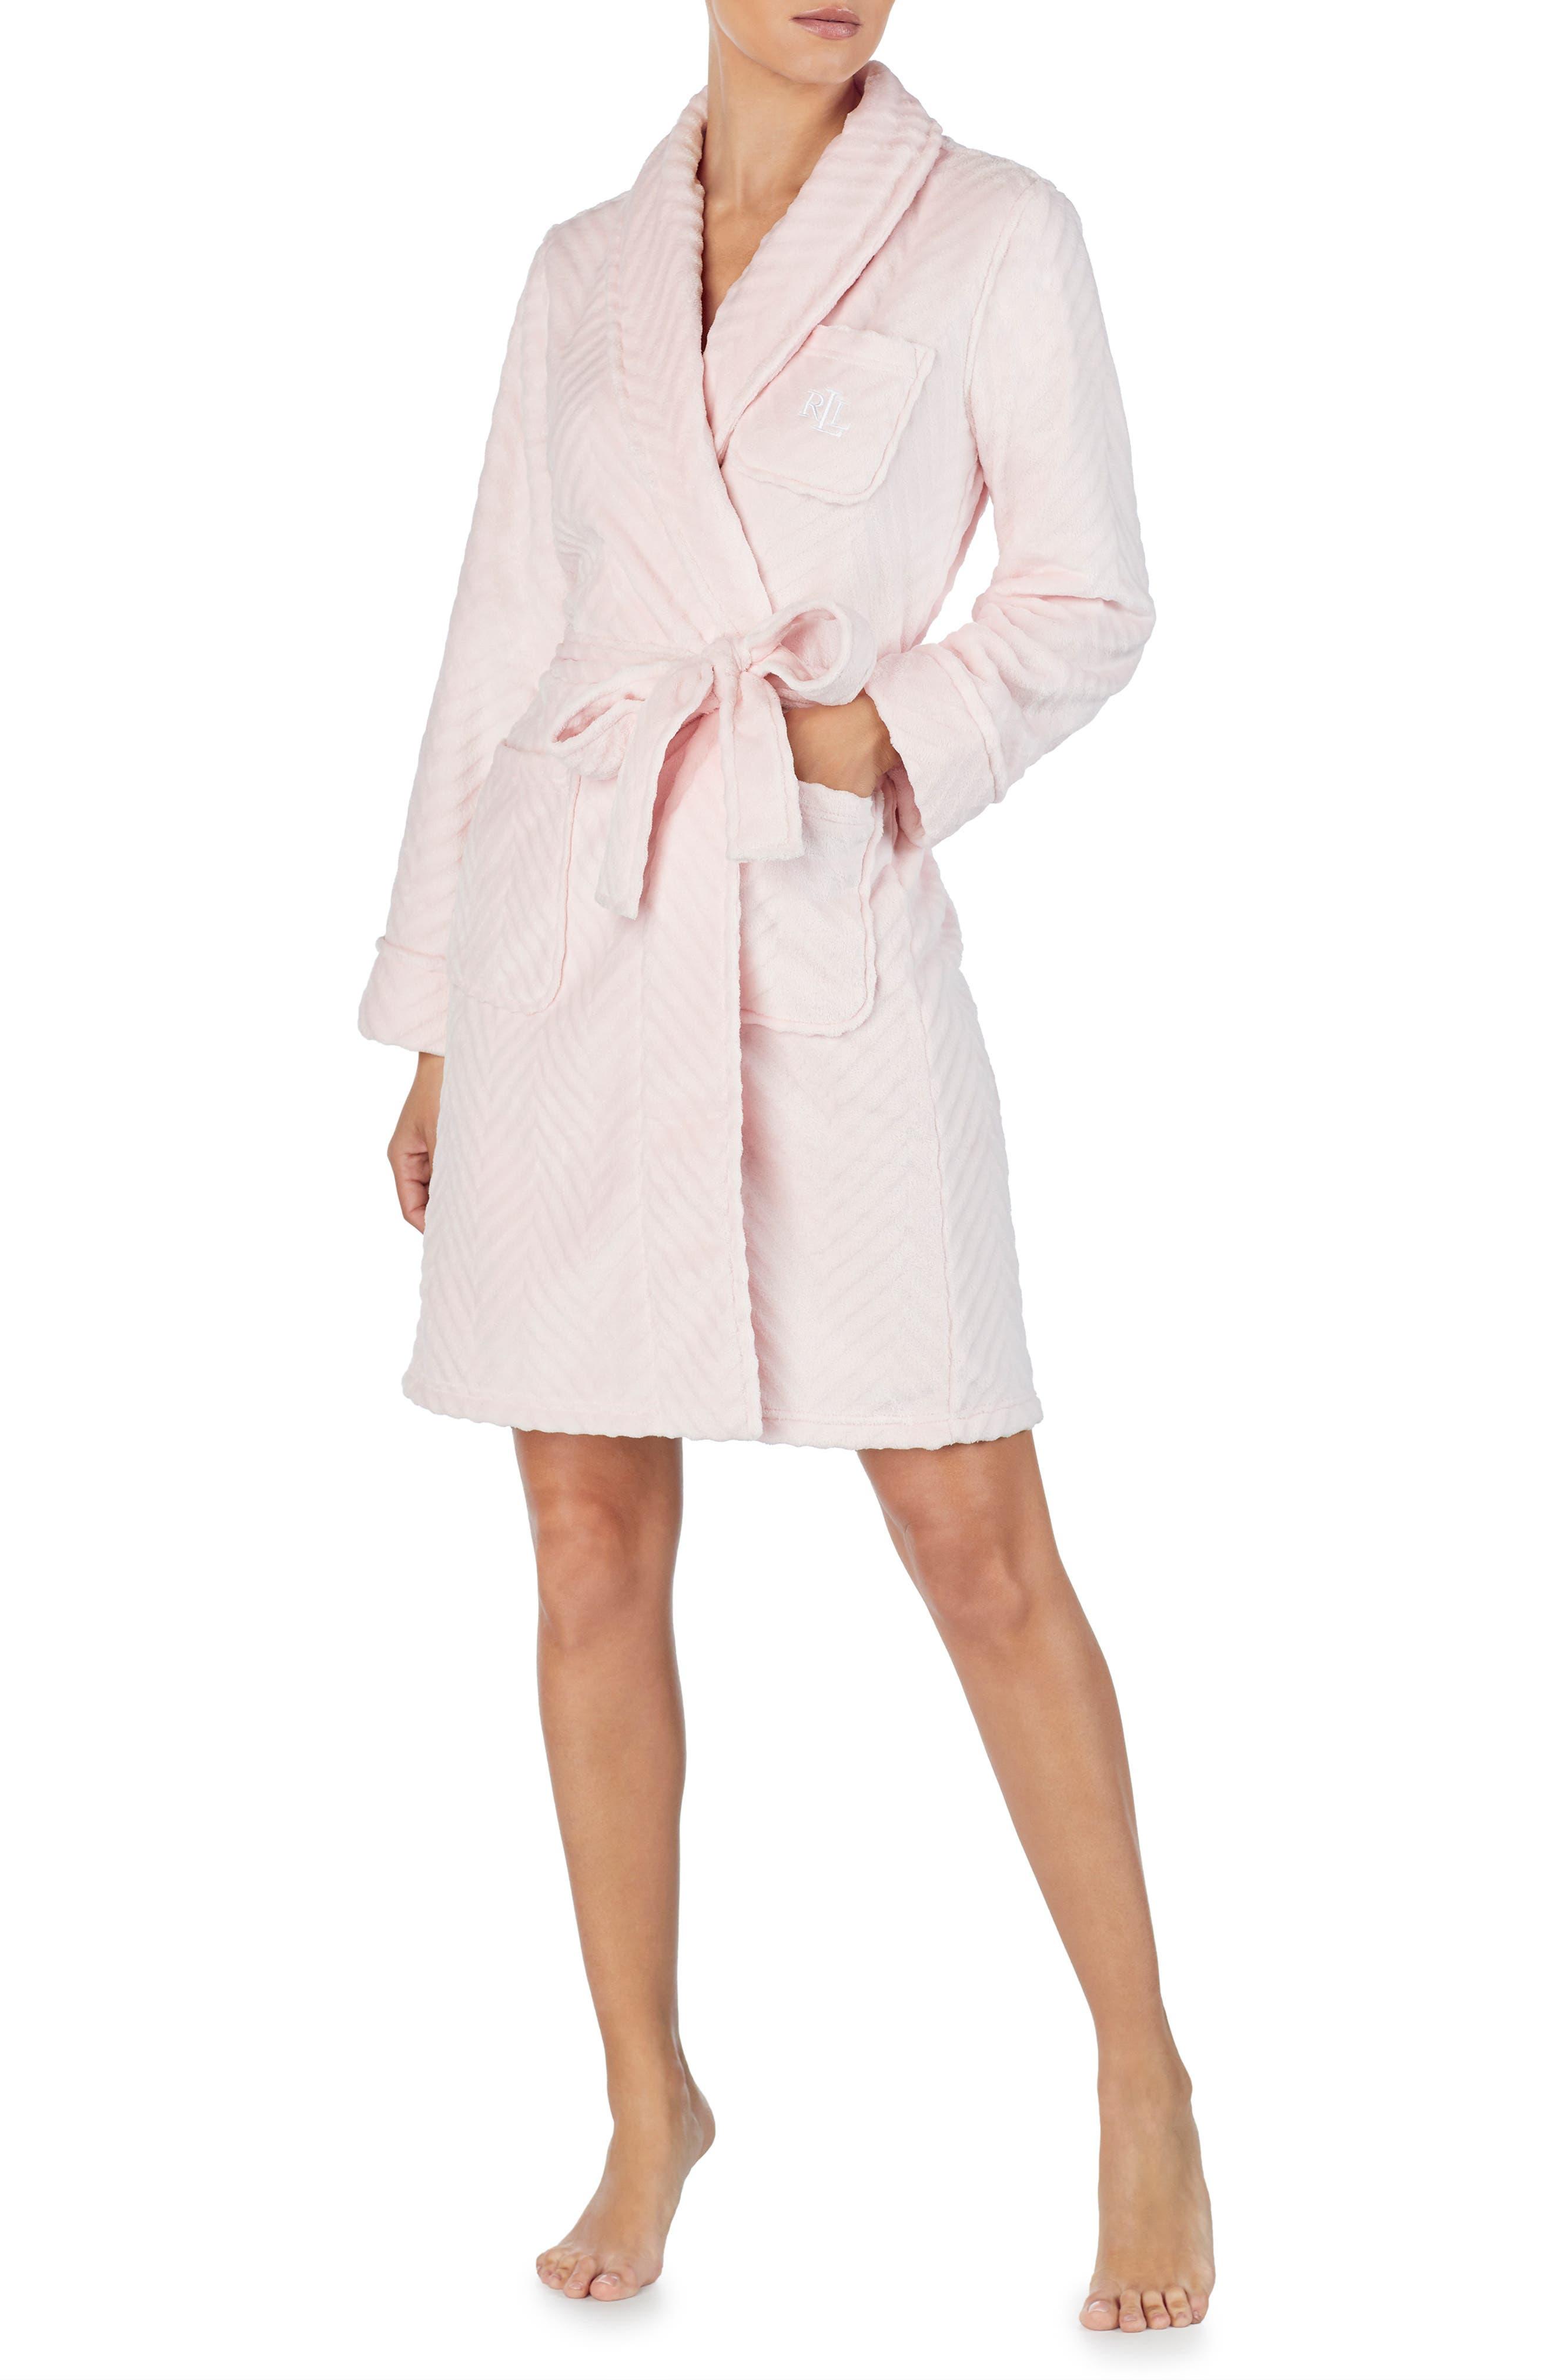 LAUREN RALPH LAUREN Short Fleece Robe in Pink